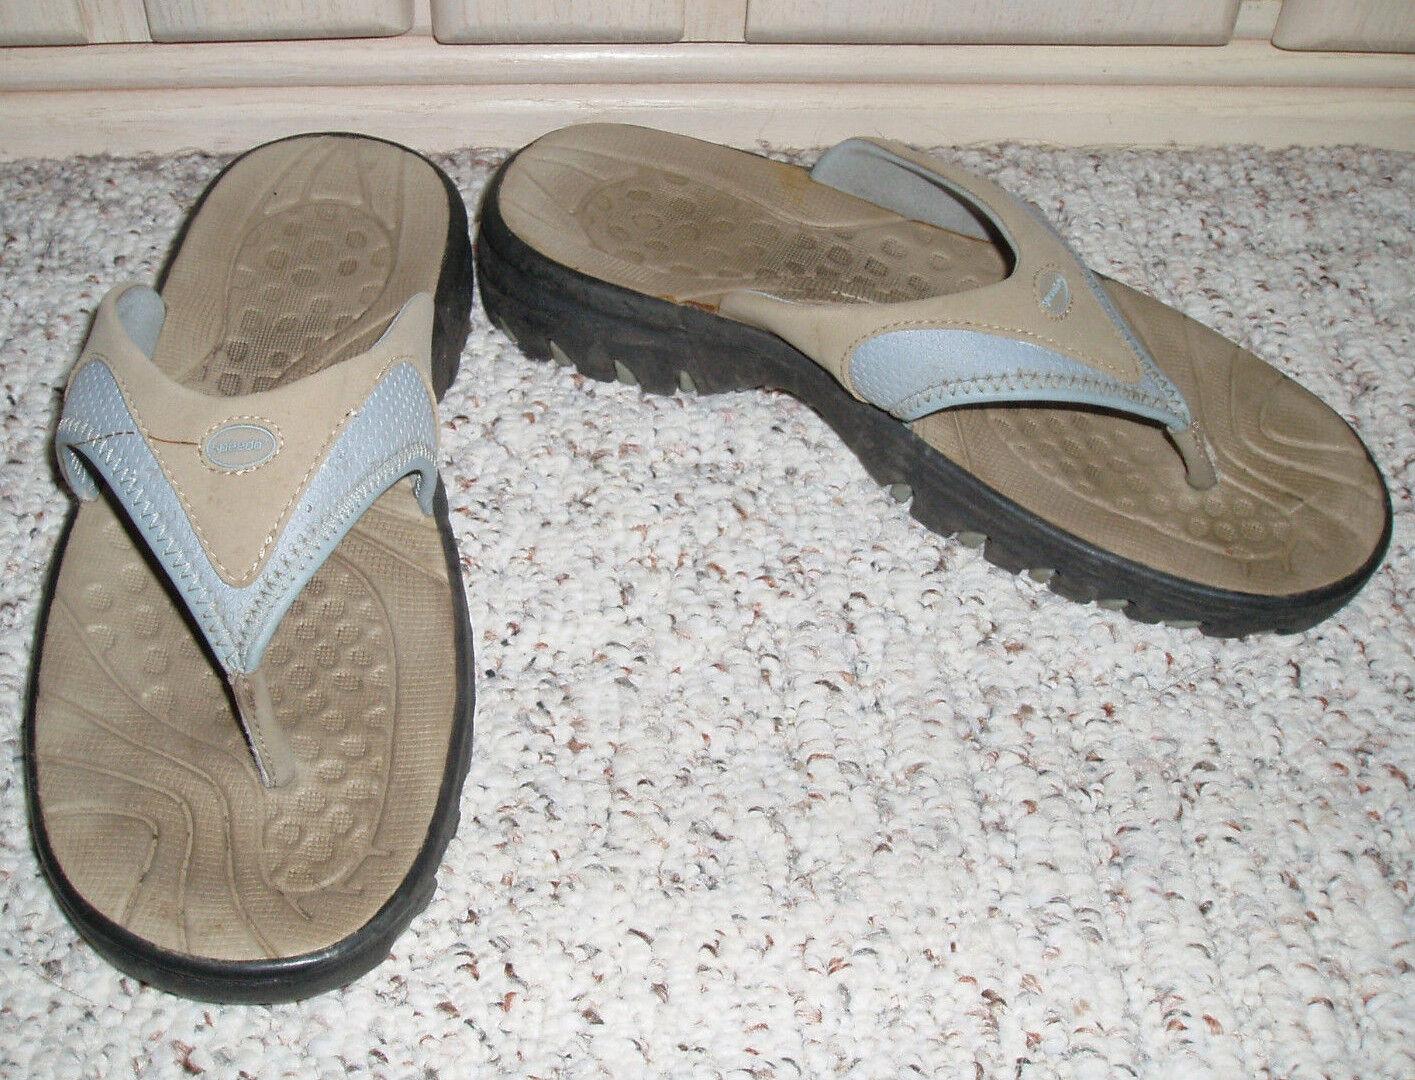 SPEEDO Thong Style Sandals 10 Heels~Beige/Light Blue ~ Size 10 Sandals d95903